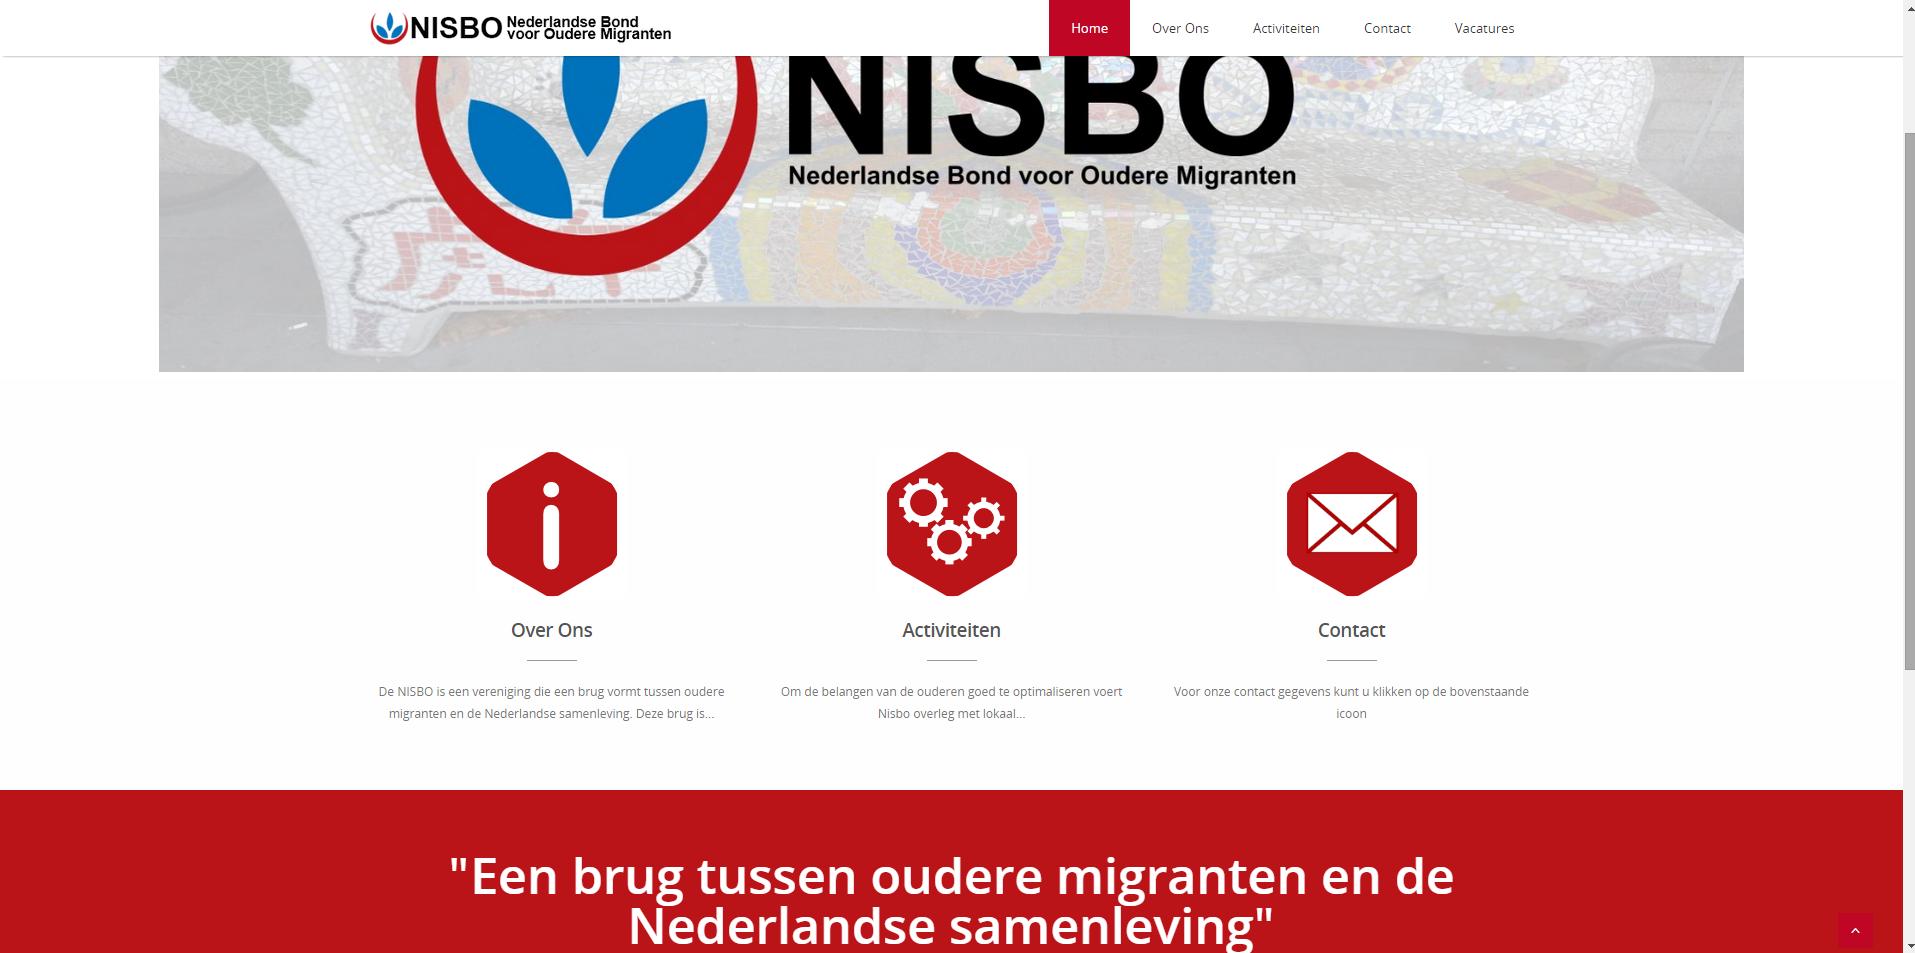 NISBO